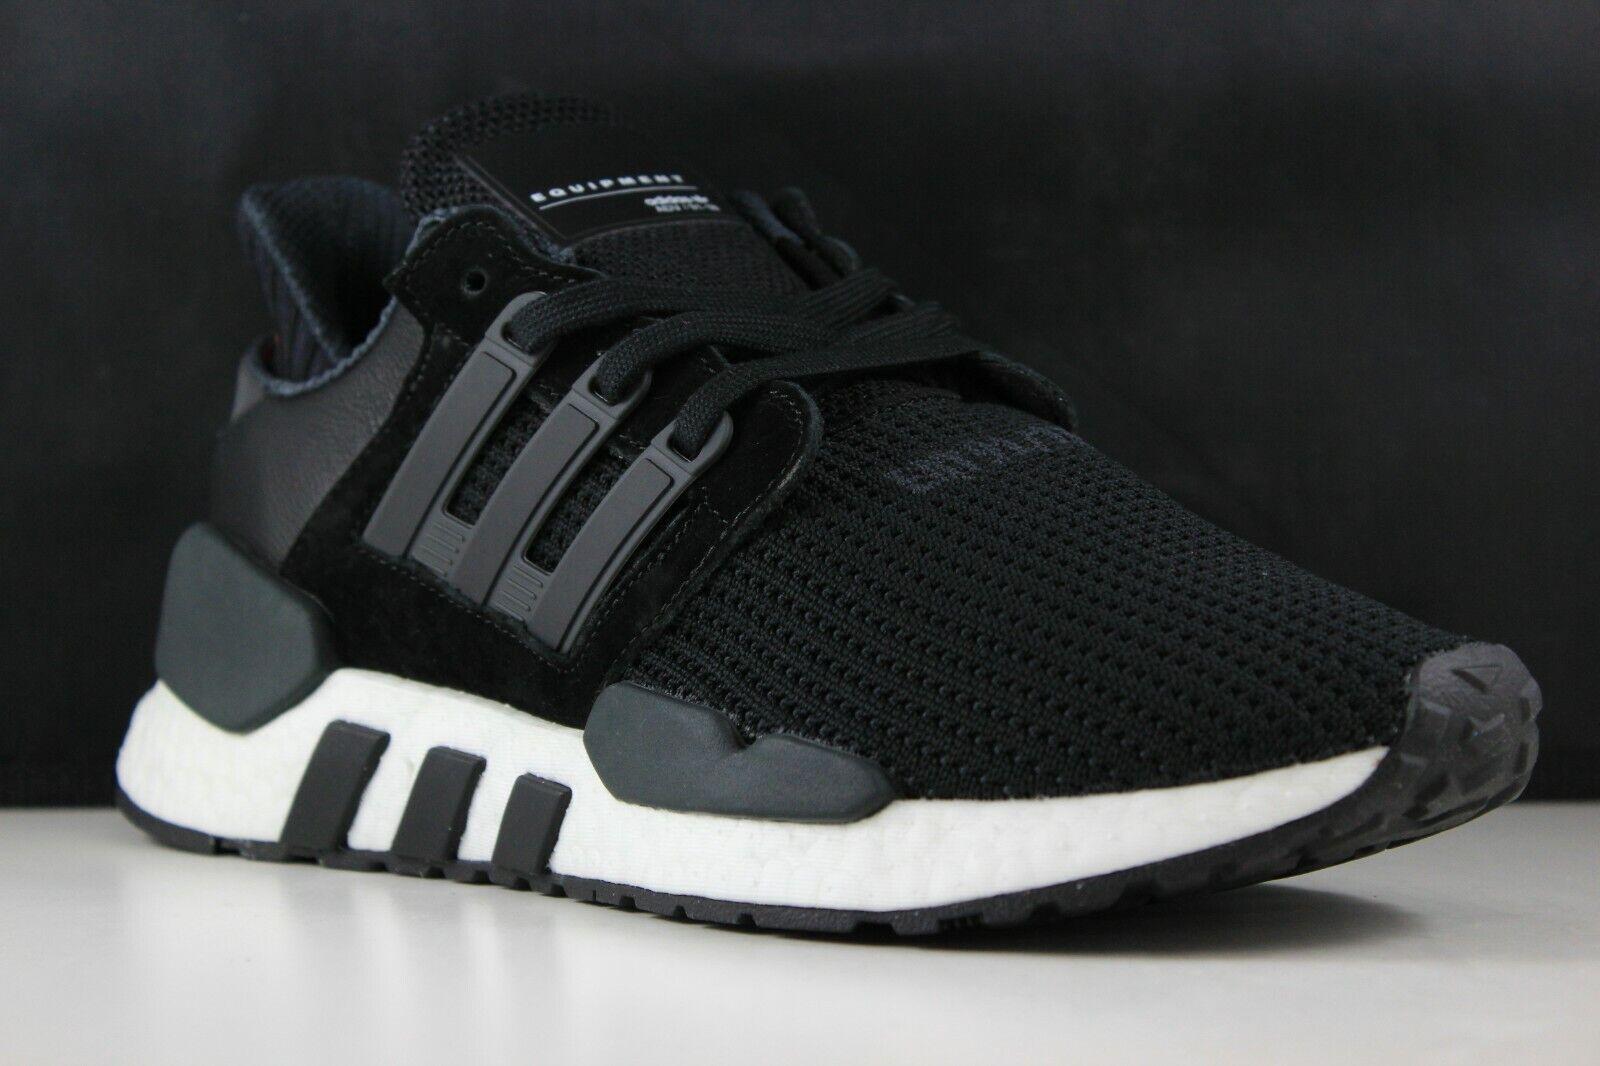 Adidas EQT Soporte 91 18 Talla 9 para hombre Negro Negro blancoo B37520